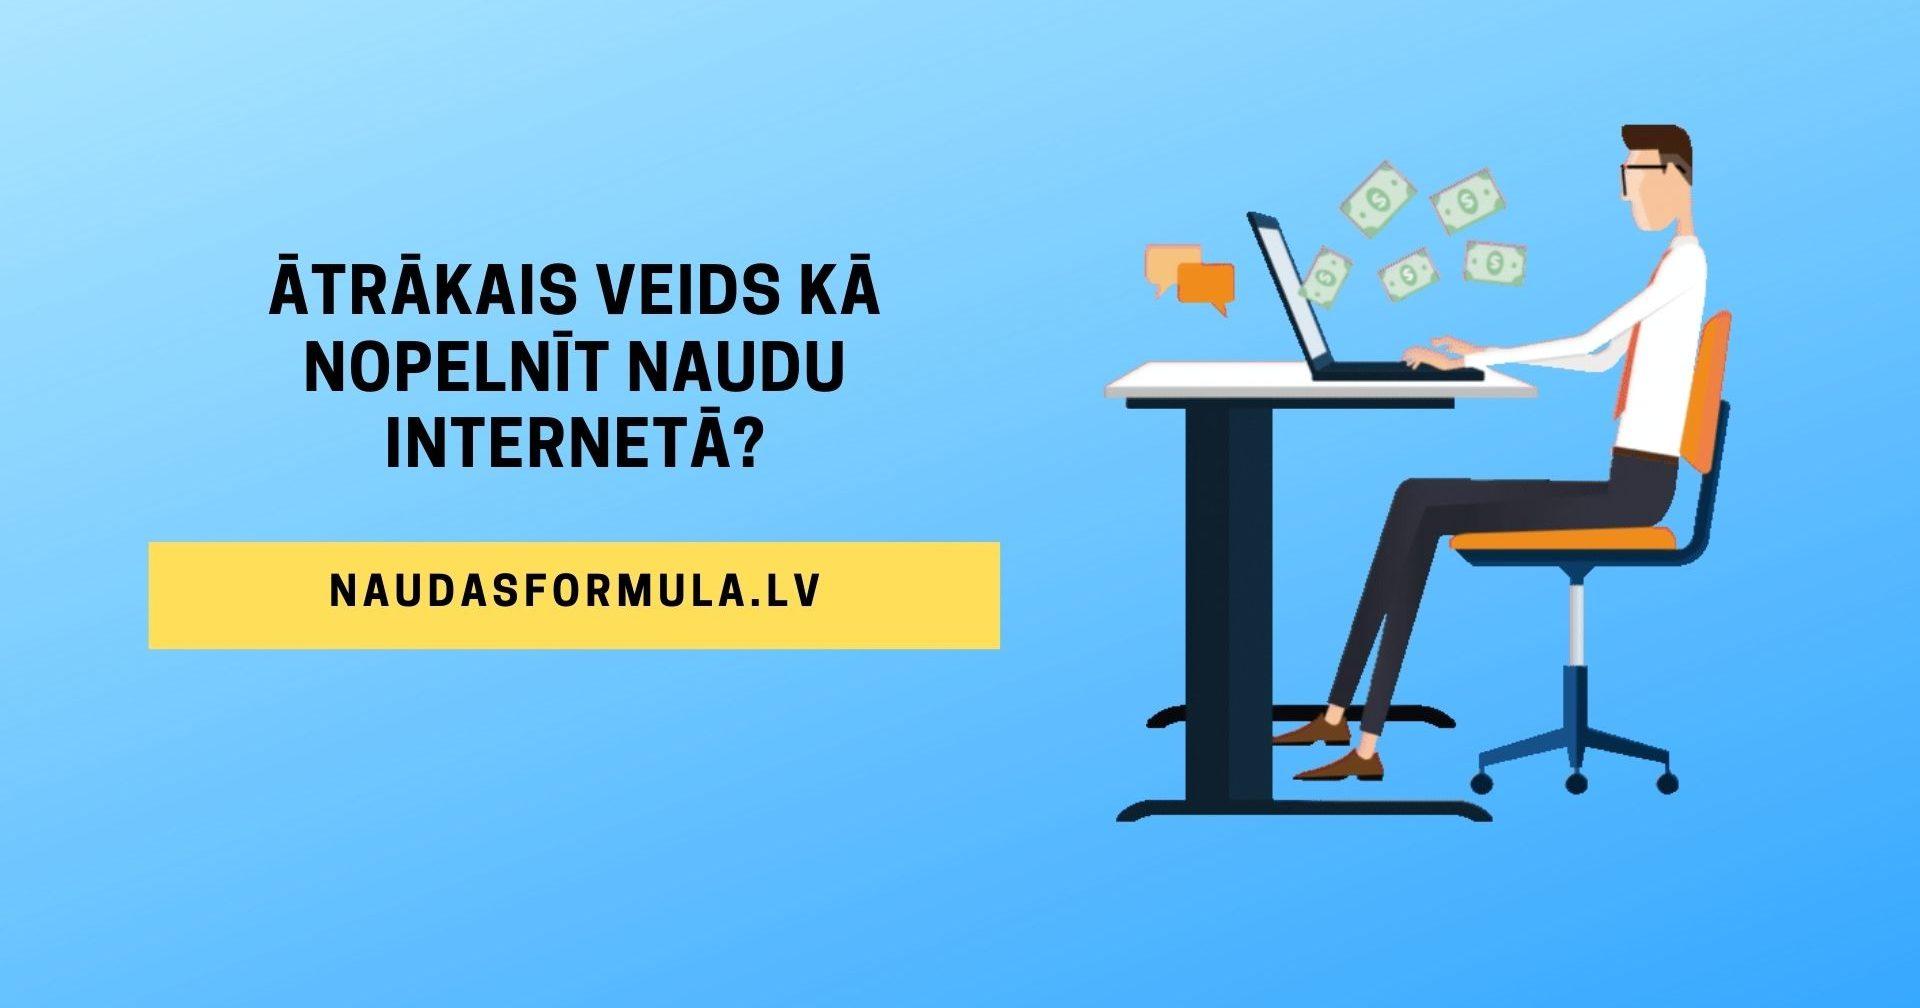 vislabāk nopelnīt naudu internetā)